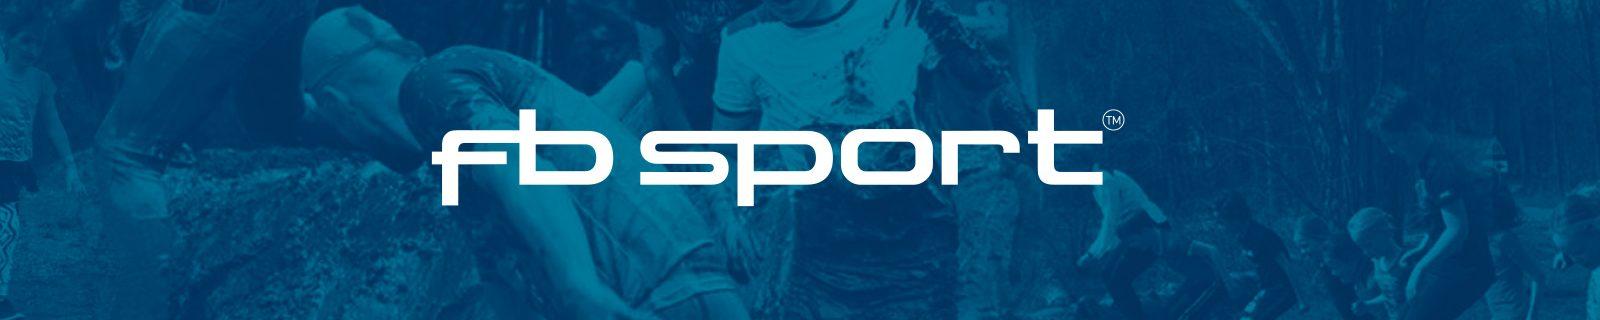 FB Sport